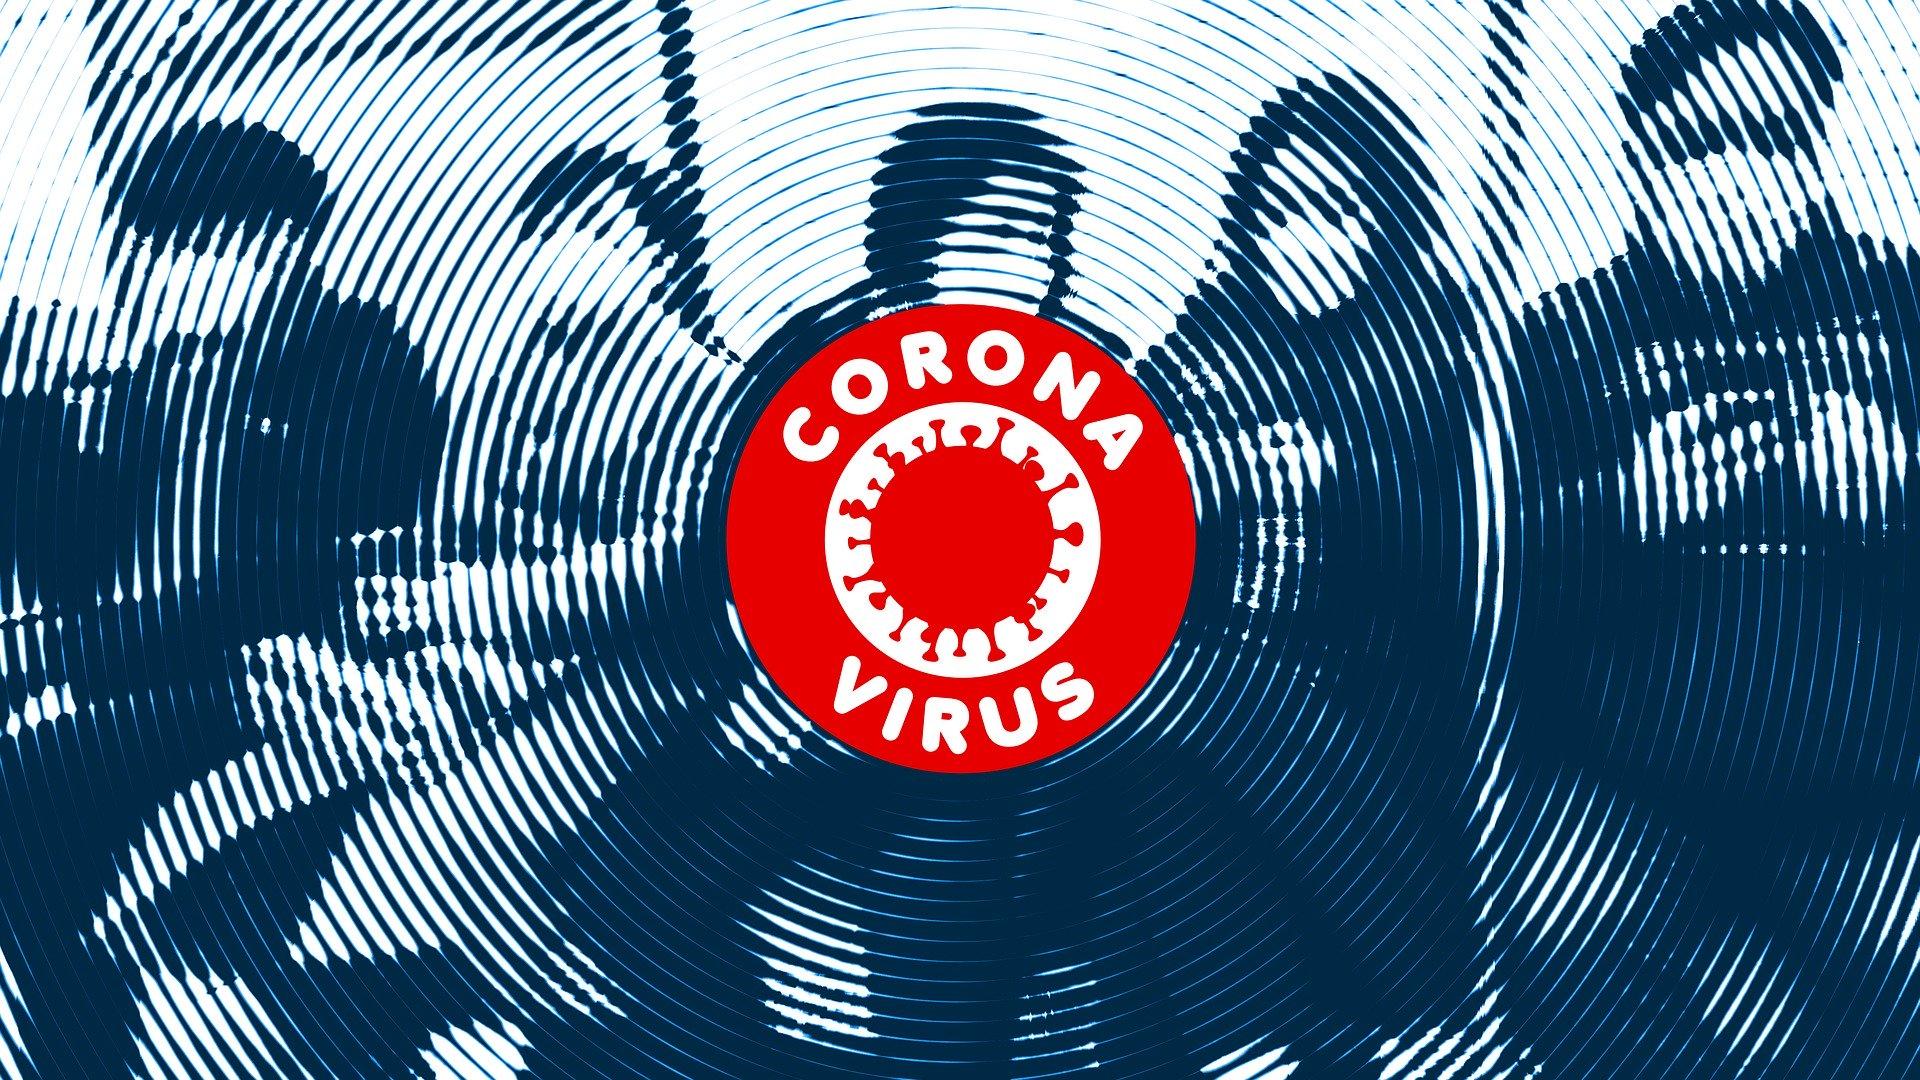 Intézkedési terv készült az OR-ZSE-n a járvány kezelésére vonatkozóan